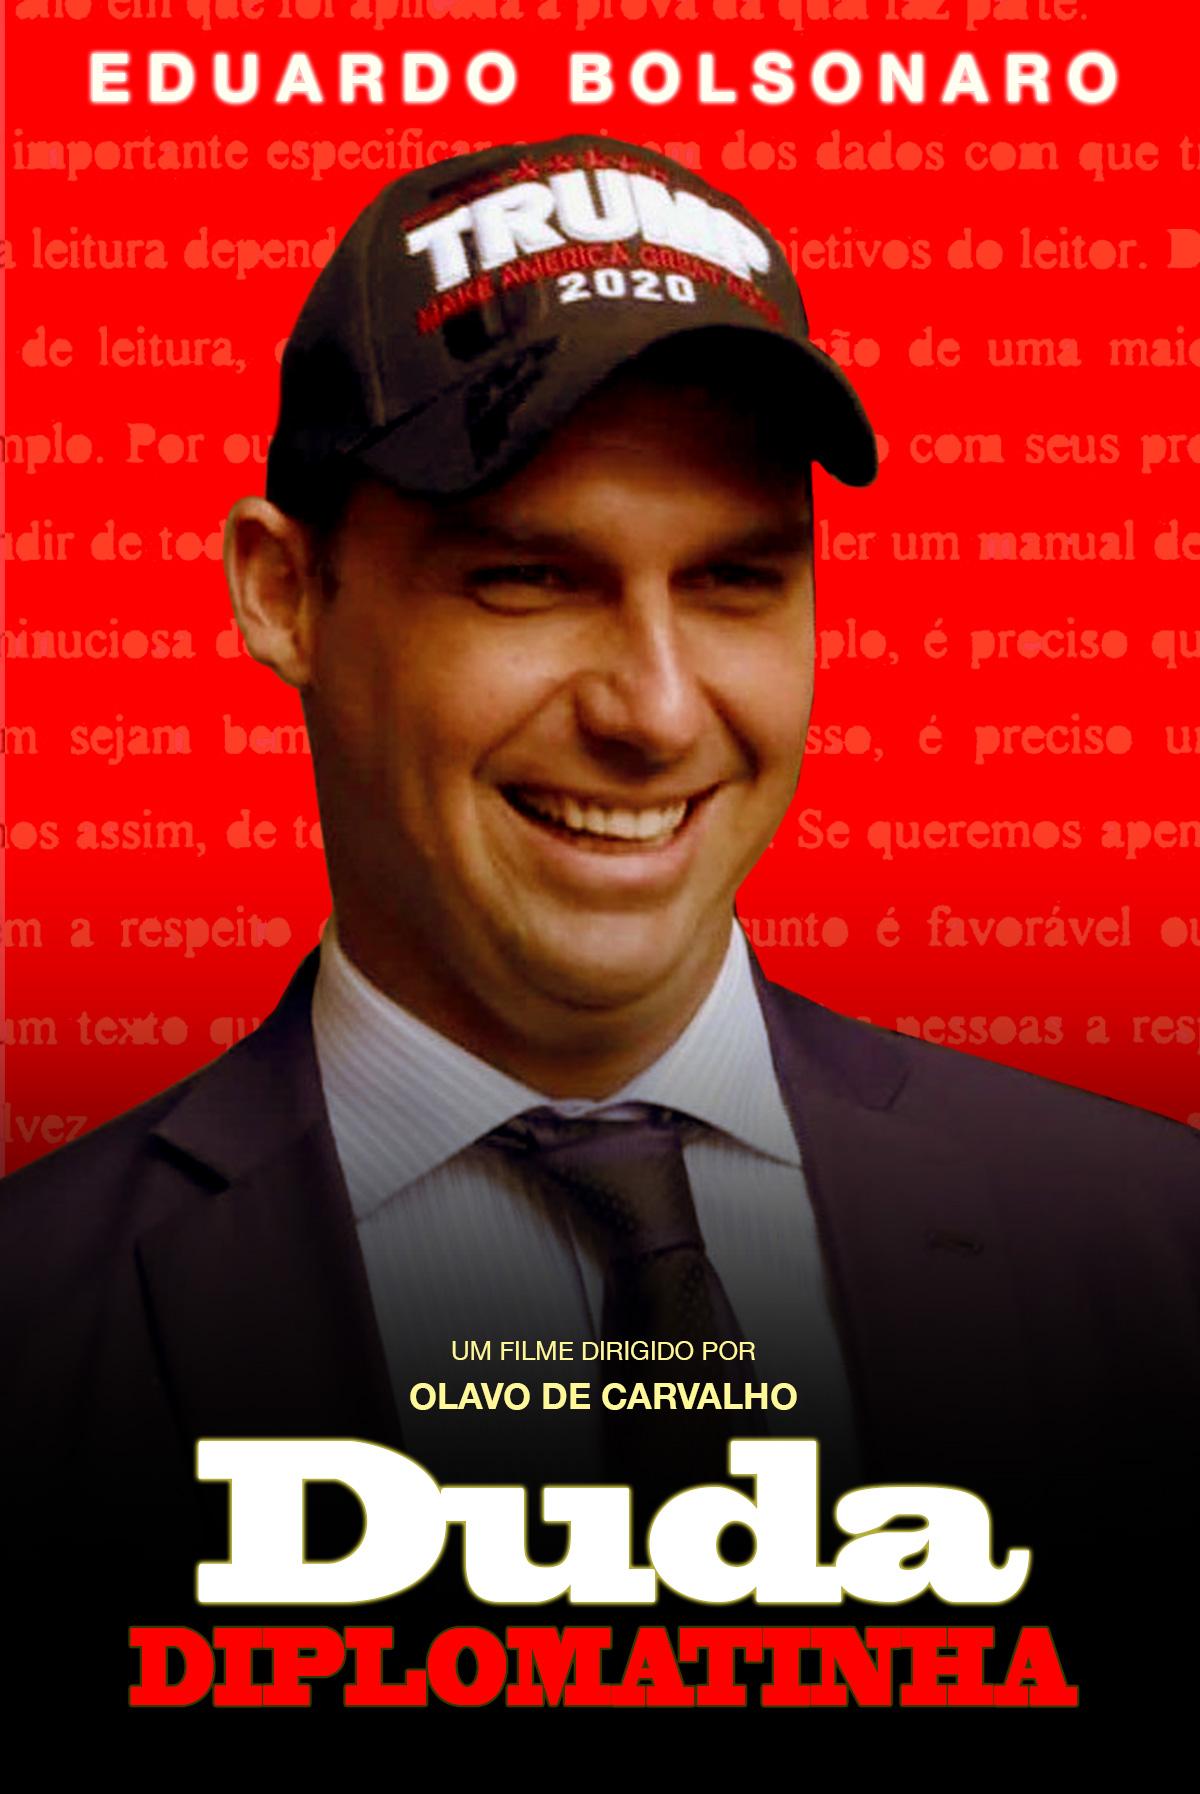 O chanceler Ernesto Araújo deve fazer uma ponta, no início do filme, como estagiário de Duda Diplomatinha na casa de hambúrguer.